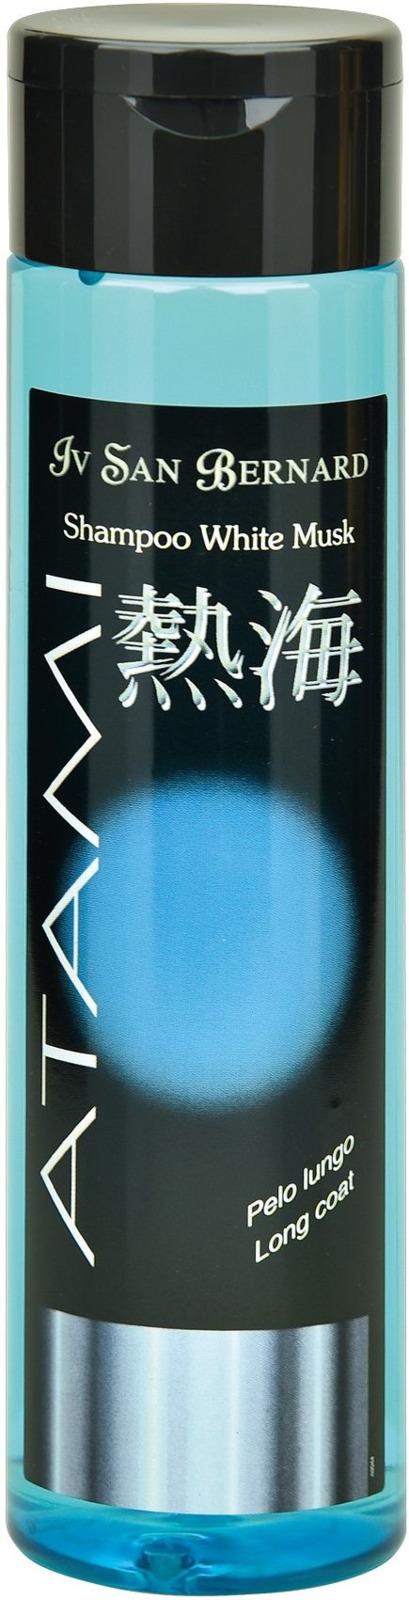 Шампунь-антистатик для животных Iv San Bernard ISB Atami Белый мускус, для длинной шерсти, 300 мл